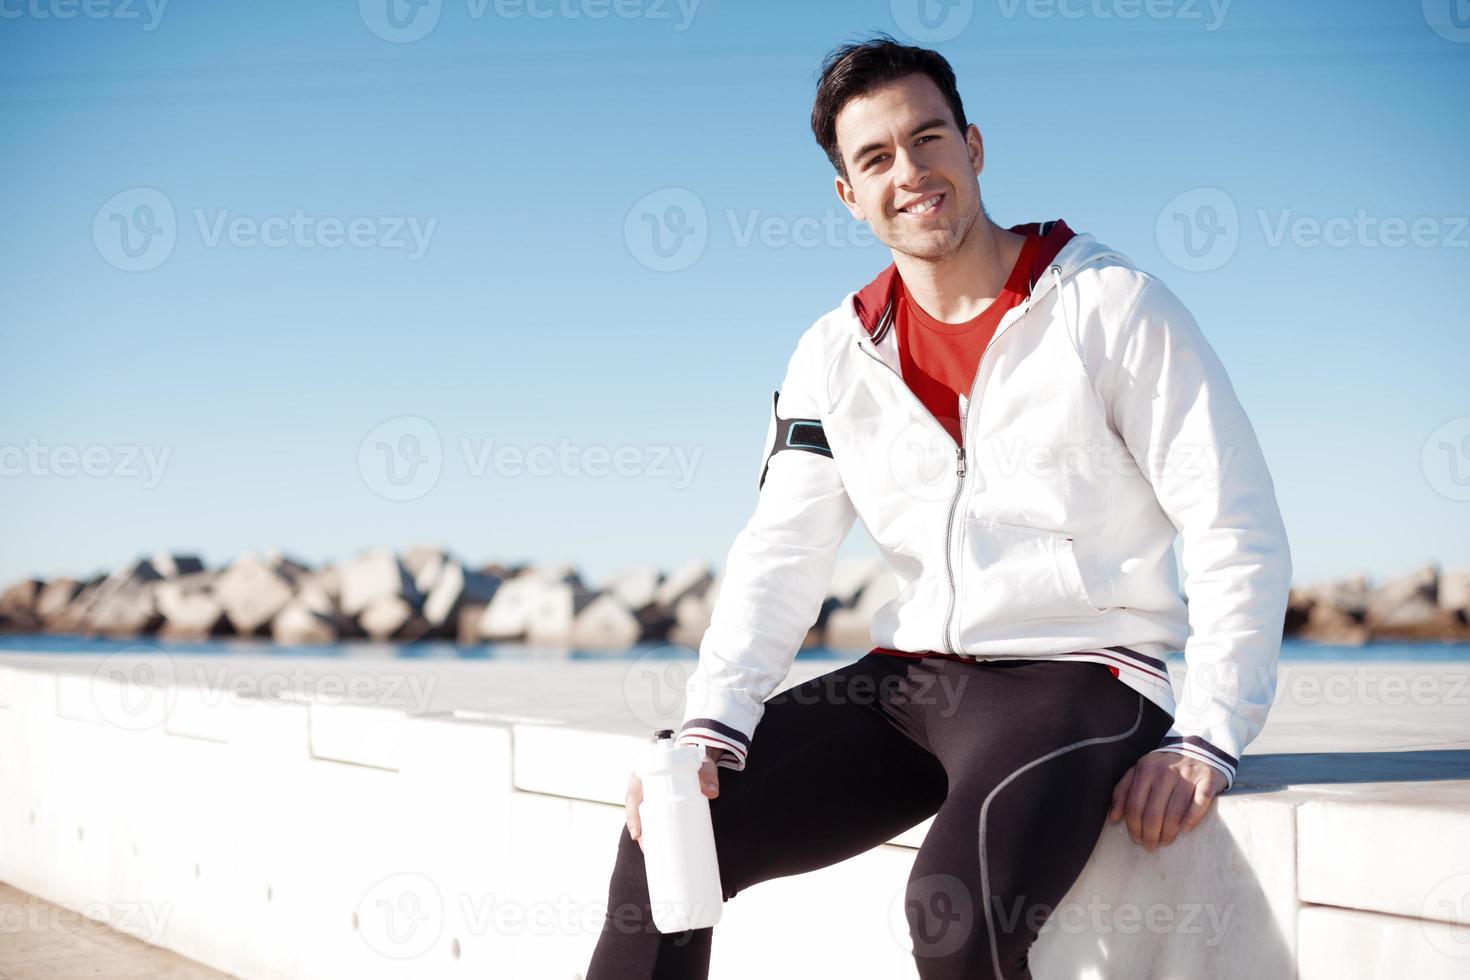 atleta com garrafa de água relaxante após treino foto